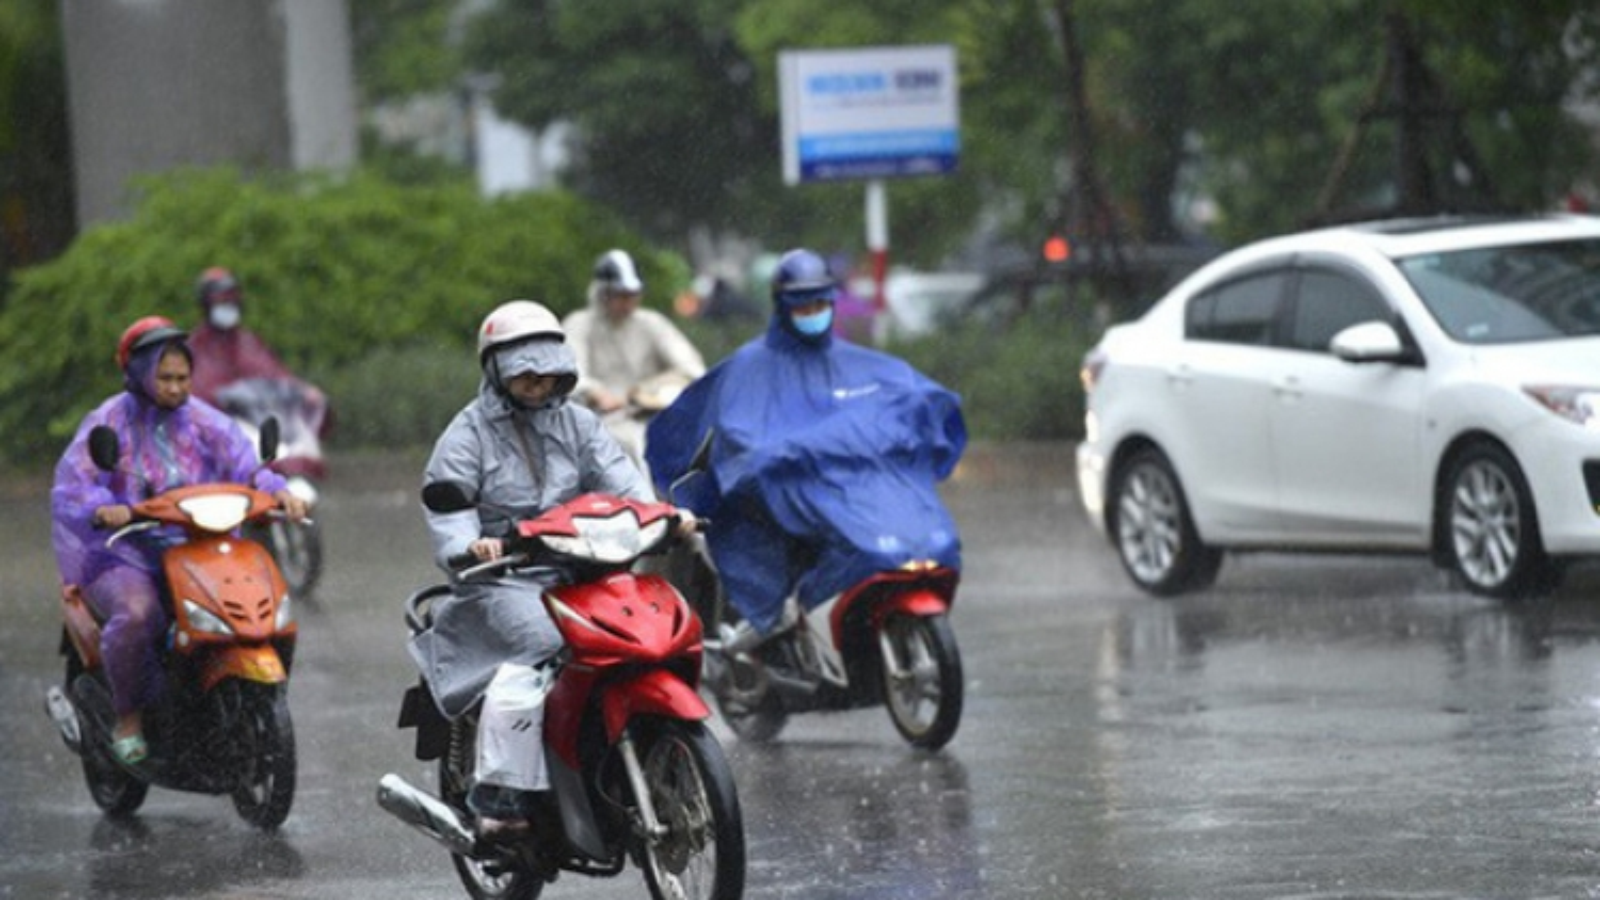 Dự báo thời tiết hôm nay: Bắc Bộ có mưa dông, Trung Bộ nắng nóng